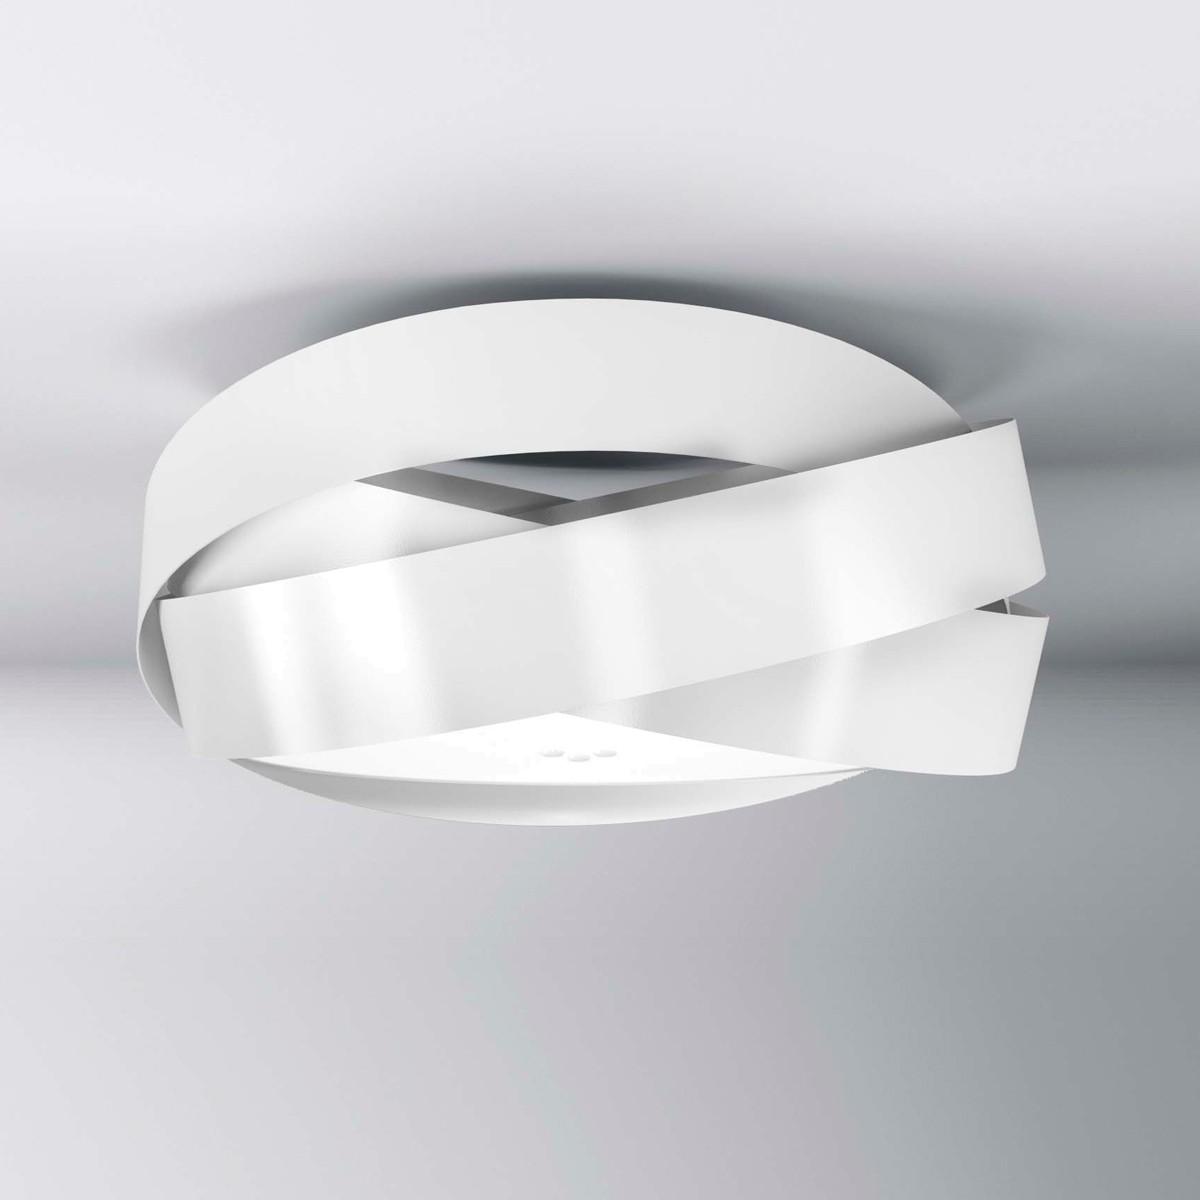 MARCHETTI Pura PL60 LED Deckenleuchte, weiß